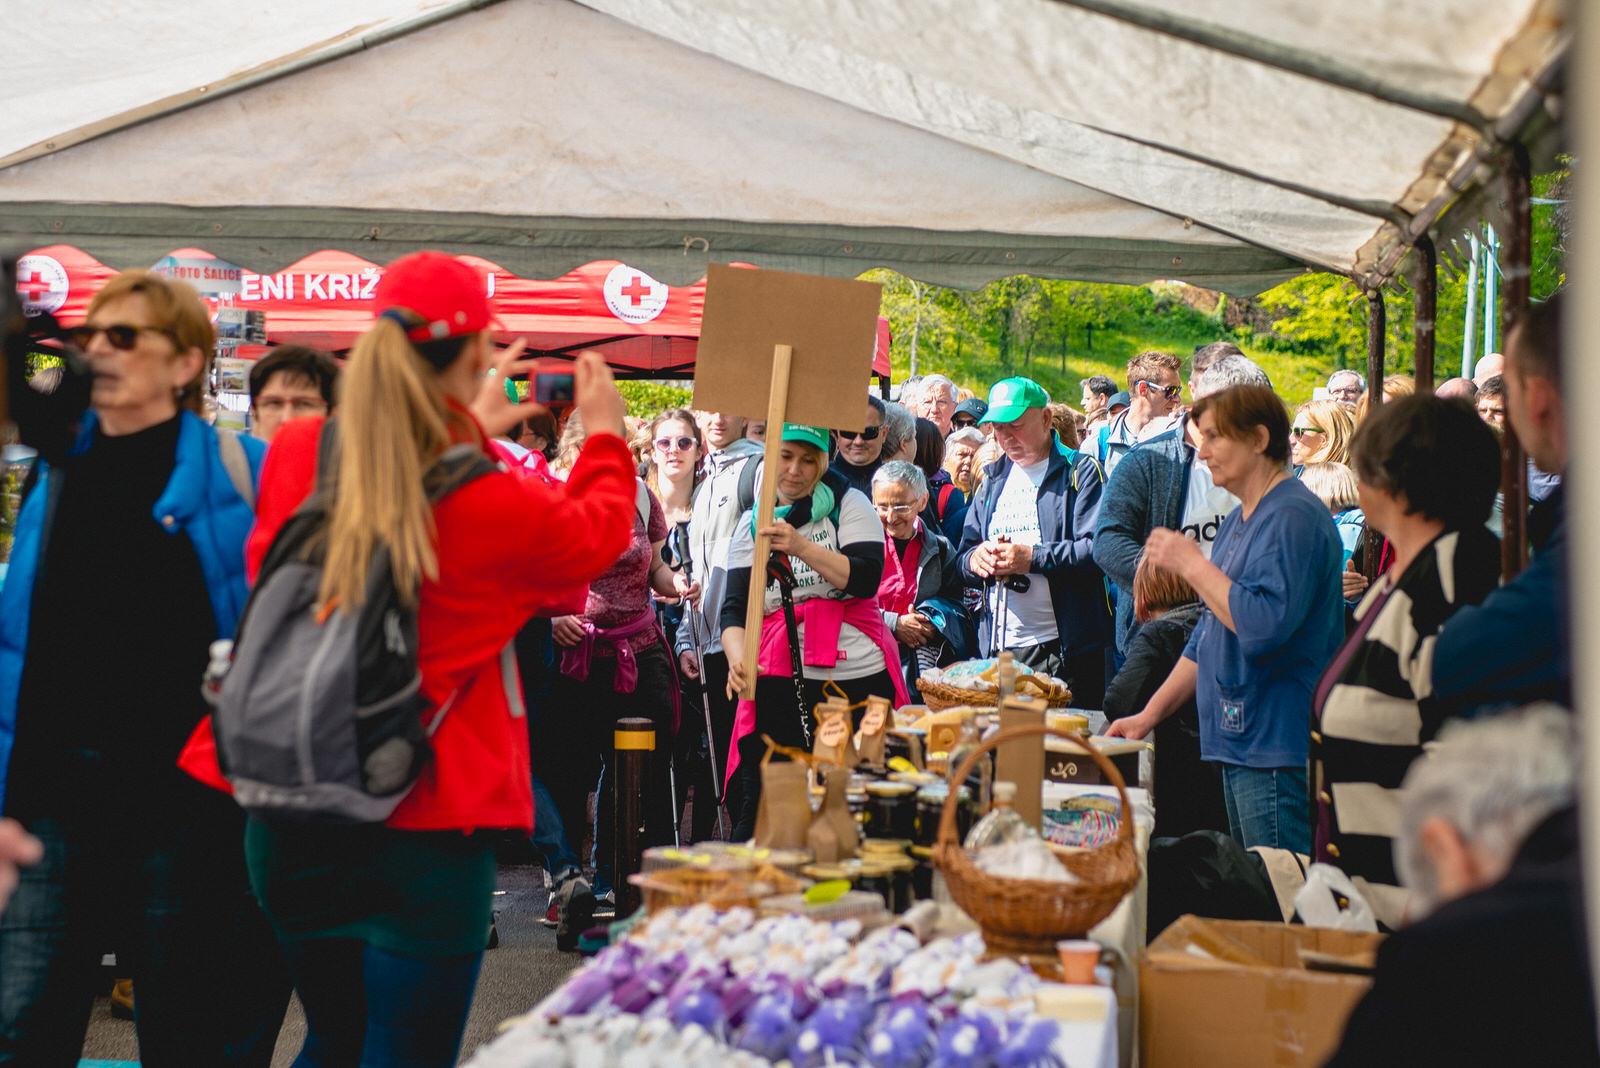 likaclub_slunj_rastoke_5-festival-nordijskog-hodanja_2019-49